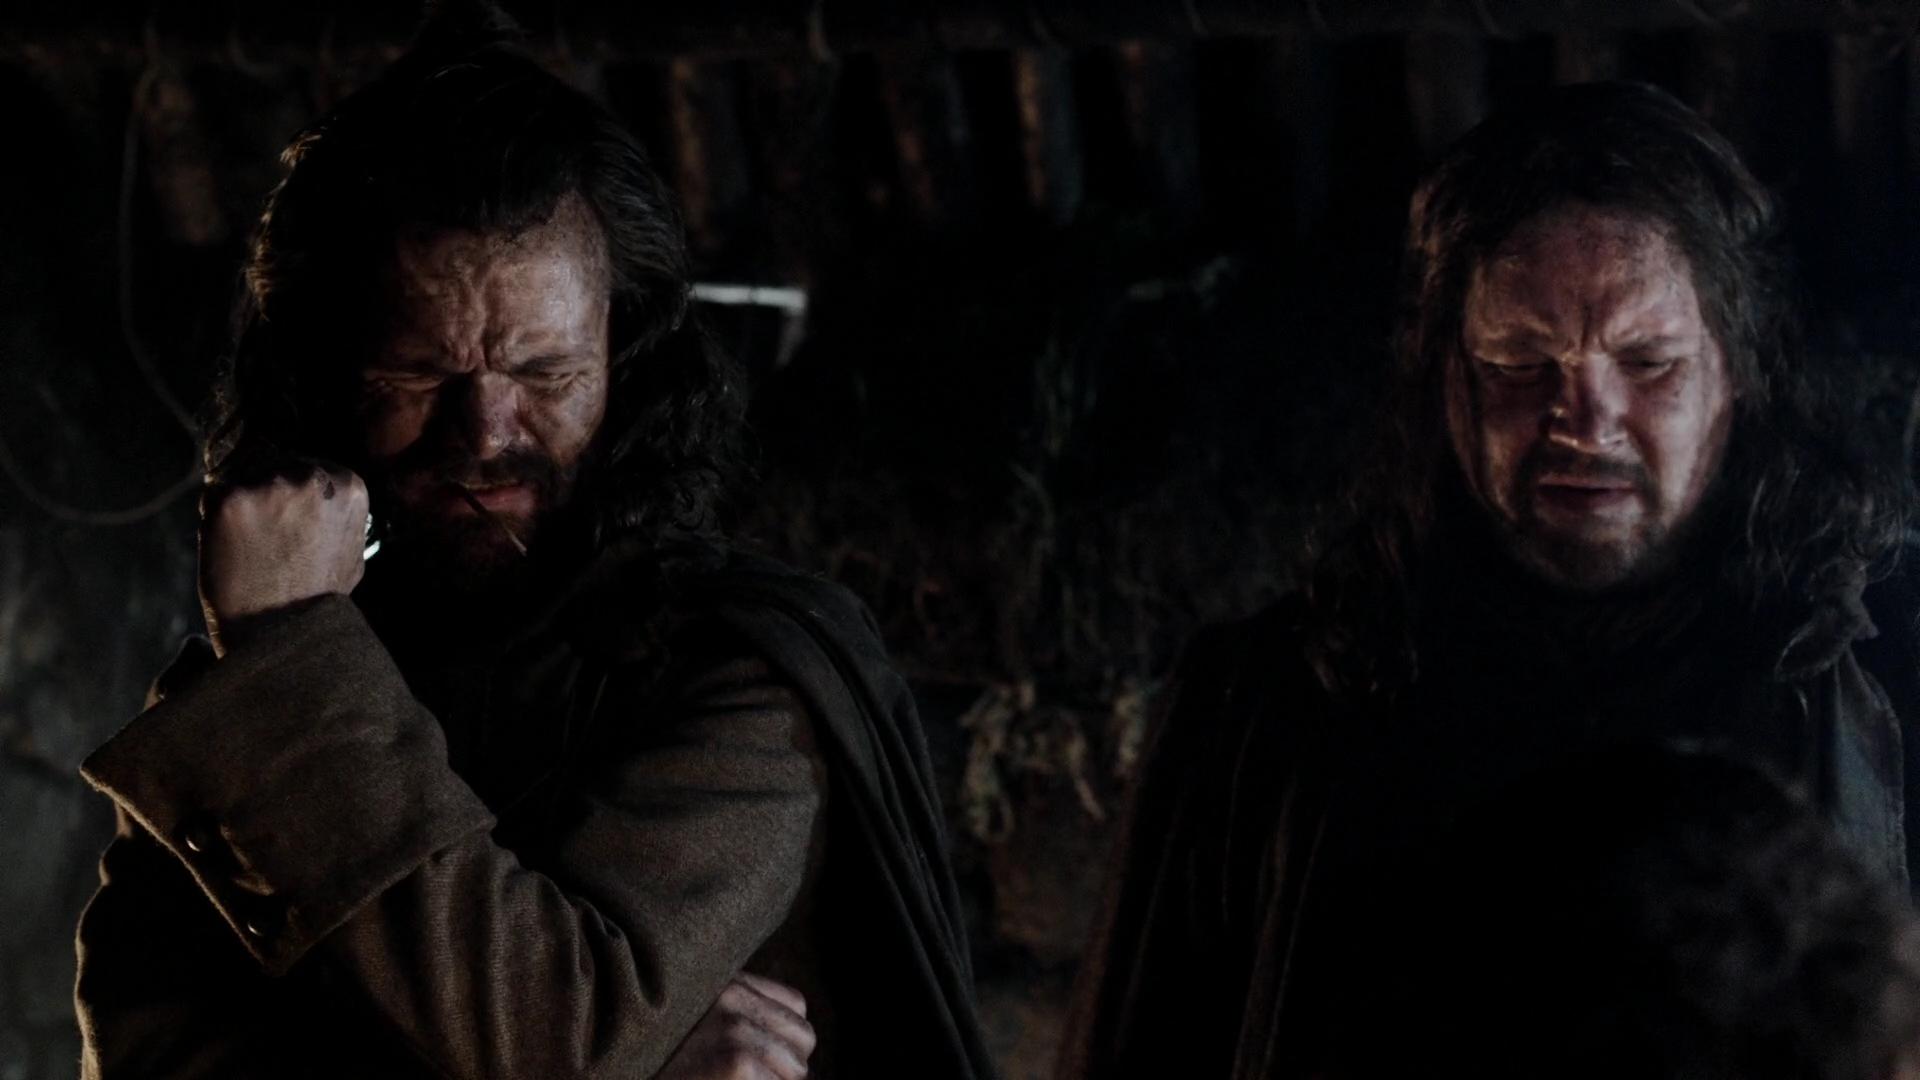 1080p - Outlander - S01E01 - Sassenach.mkv_002825868